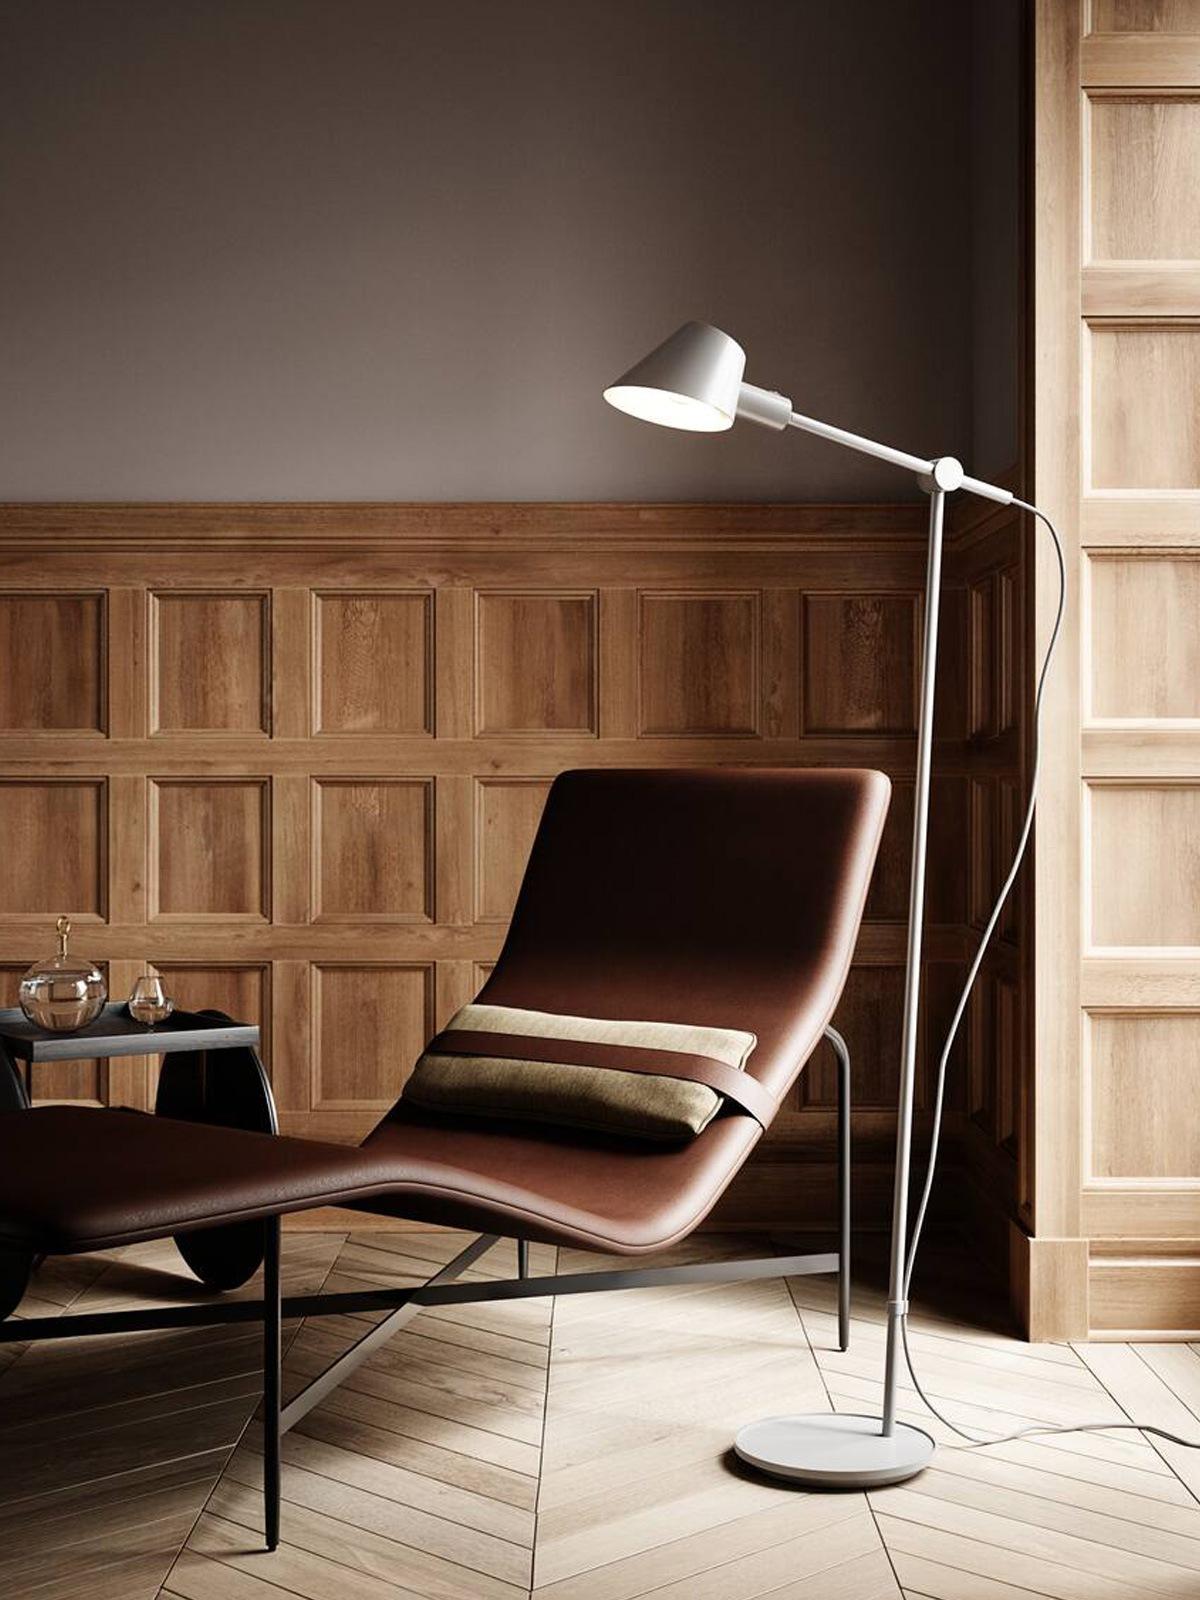 Nordlux Designerleuchte Stay Floor Stehlampe DFTP Designort